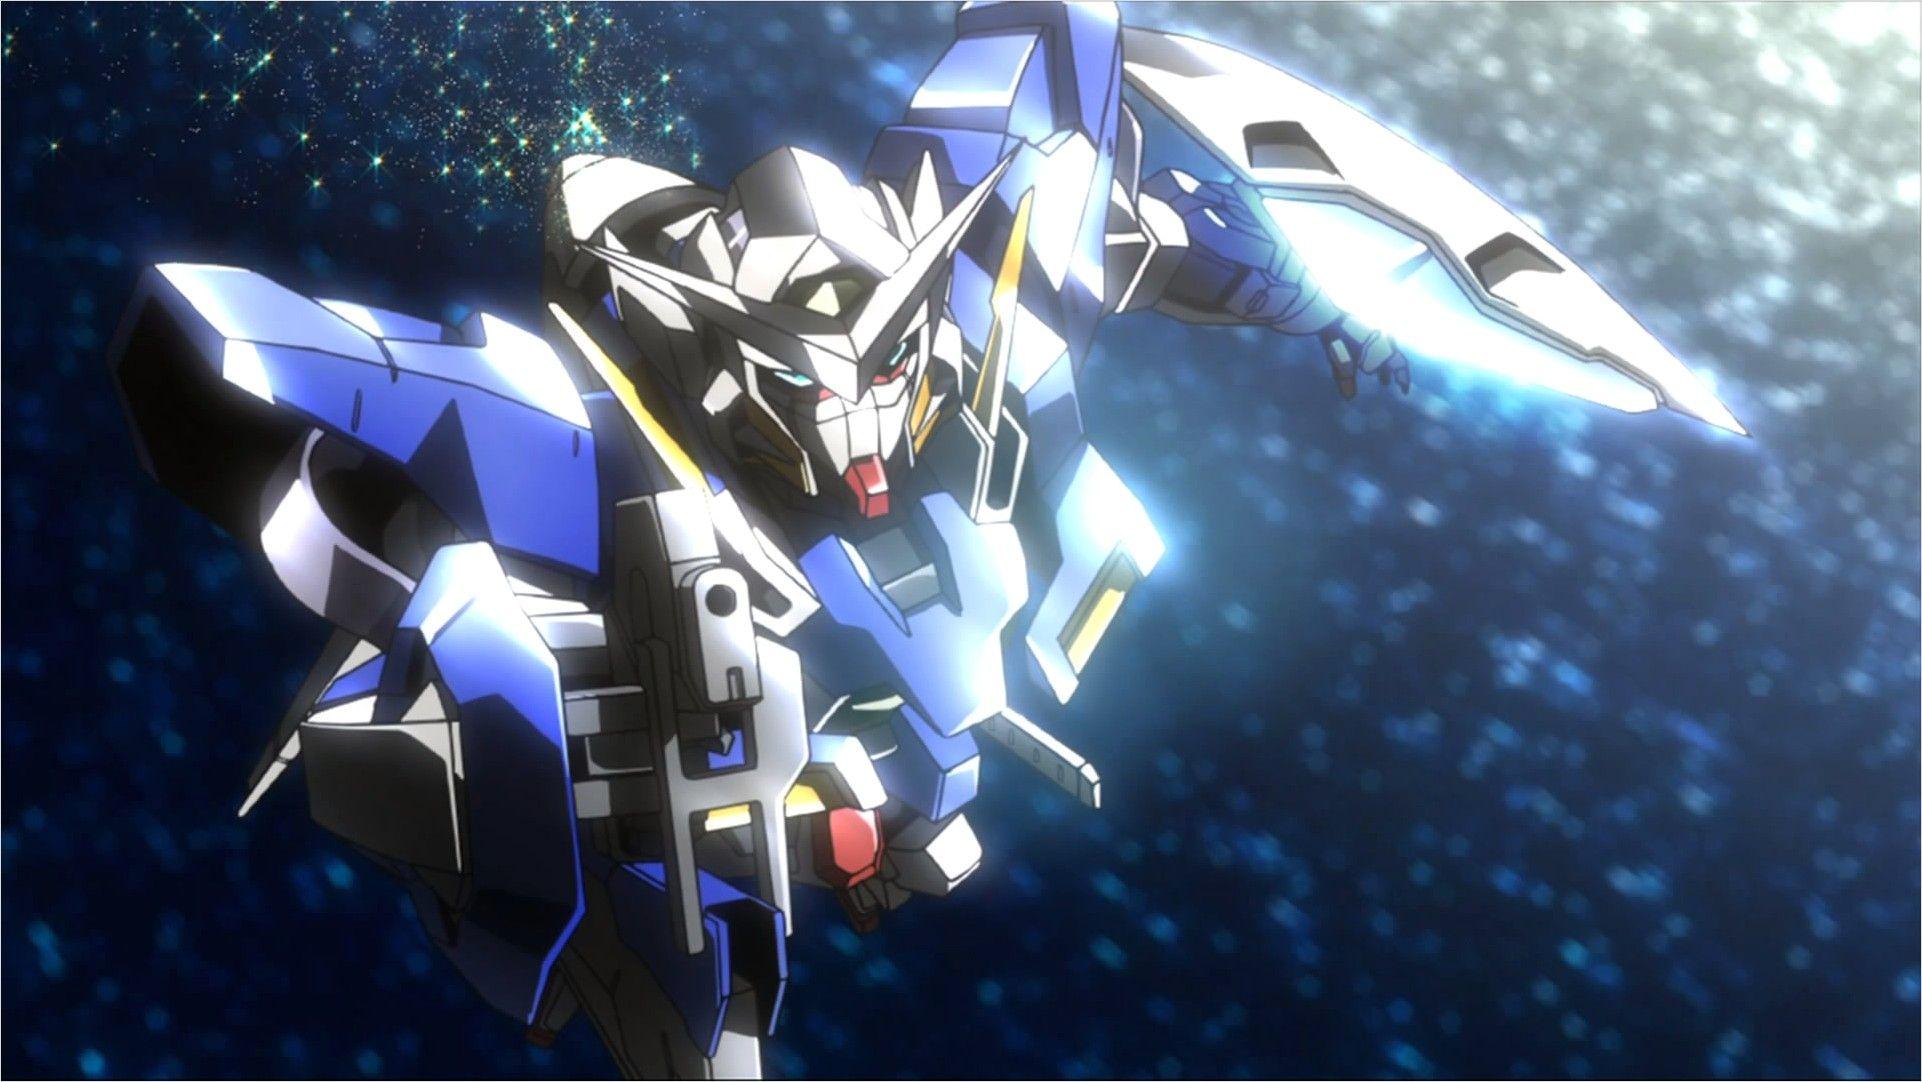 Gundam 00 Wallpaper 4k In 2020 Gundam Wallpapers Gundam Exia Gundam